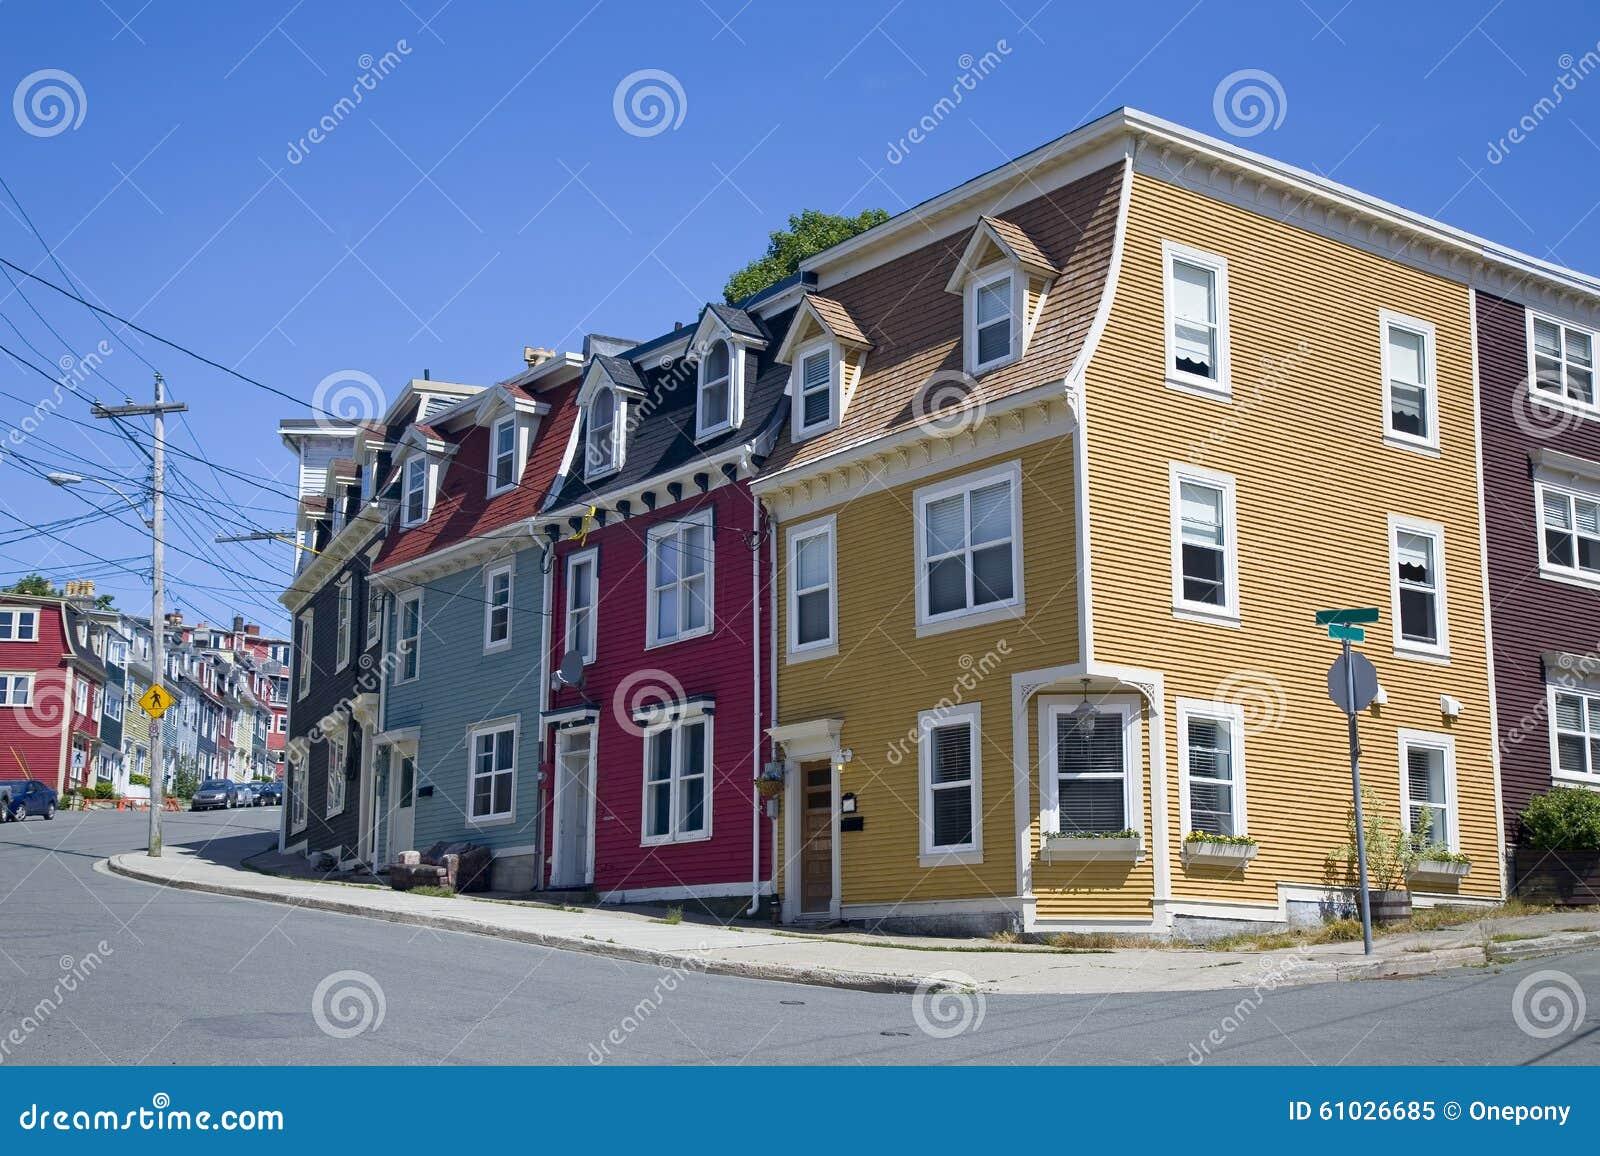 Newfoundland Houses Stock Photo Image 61026685